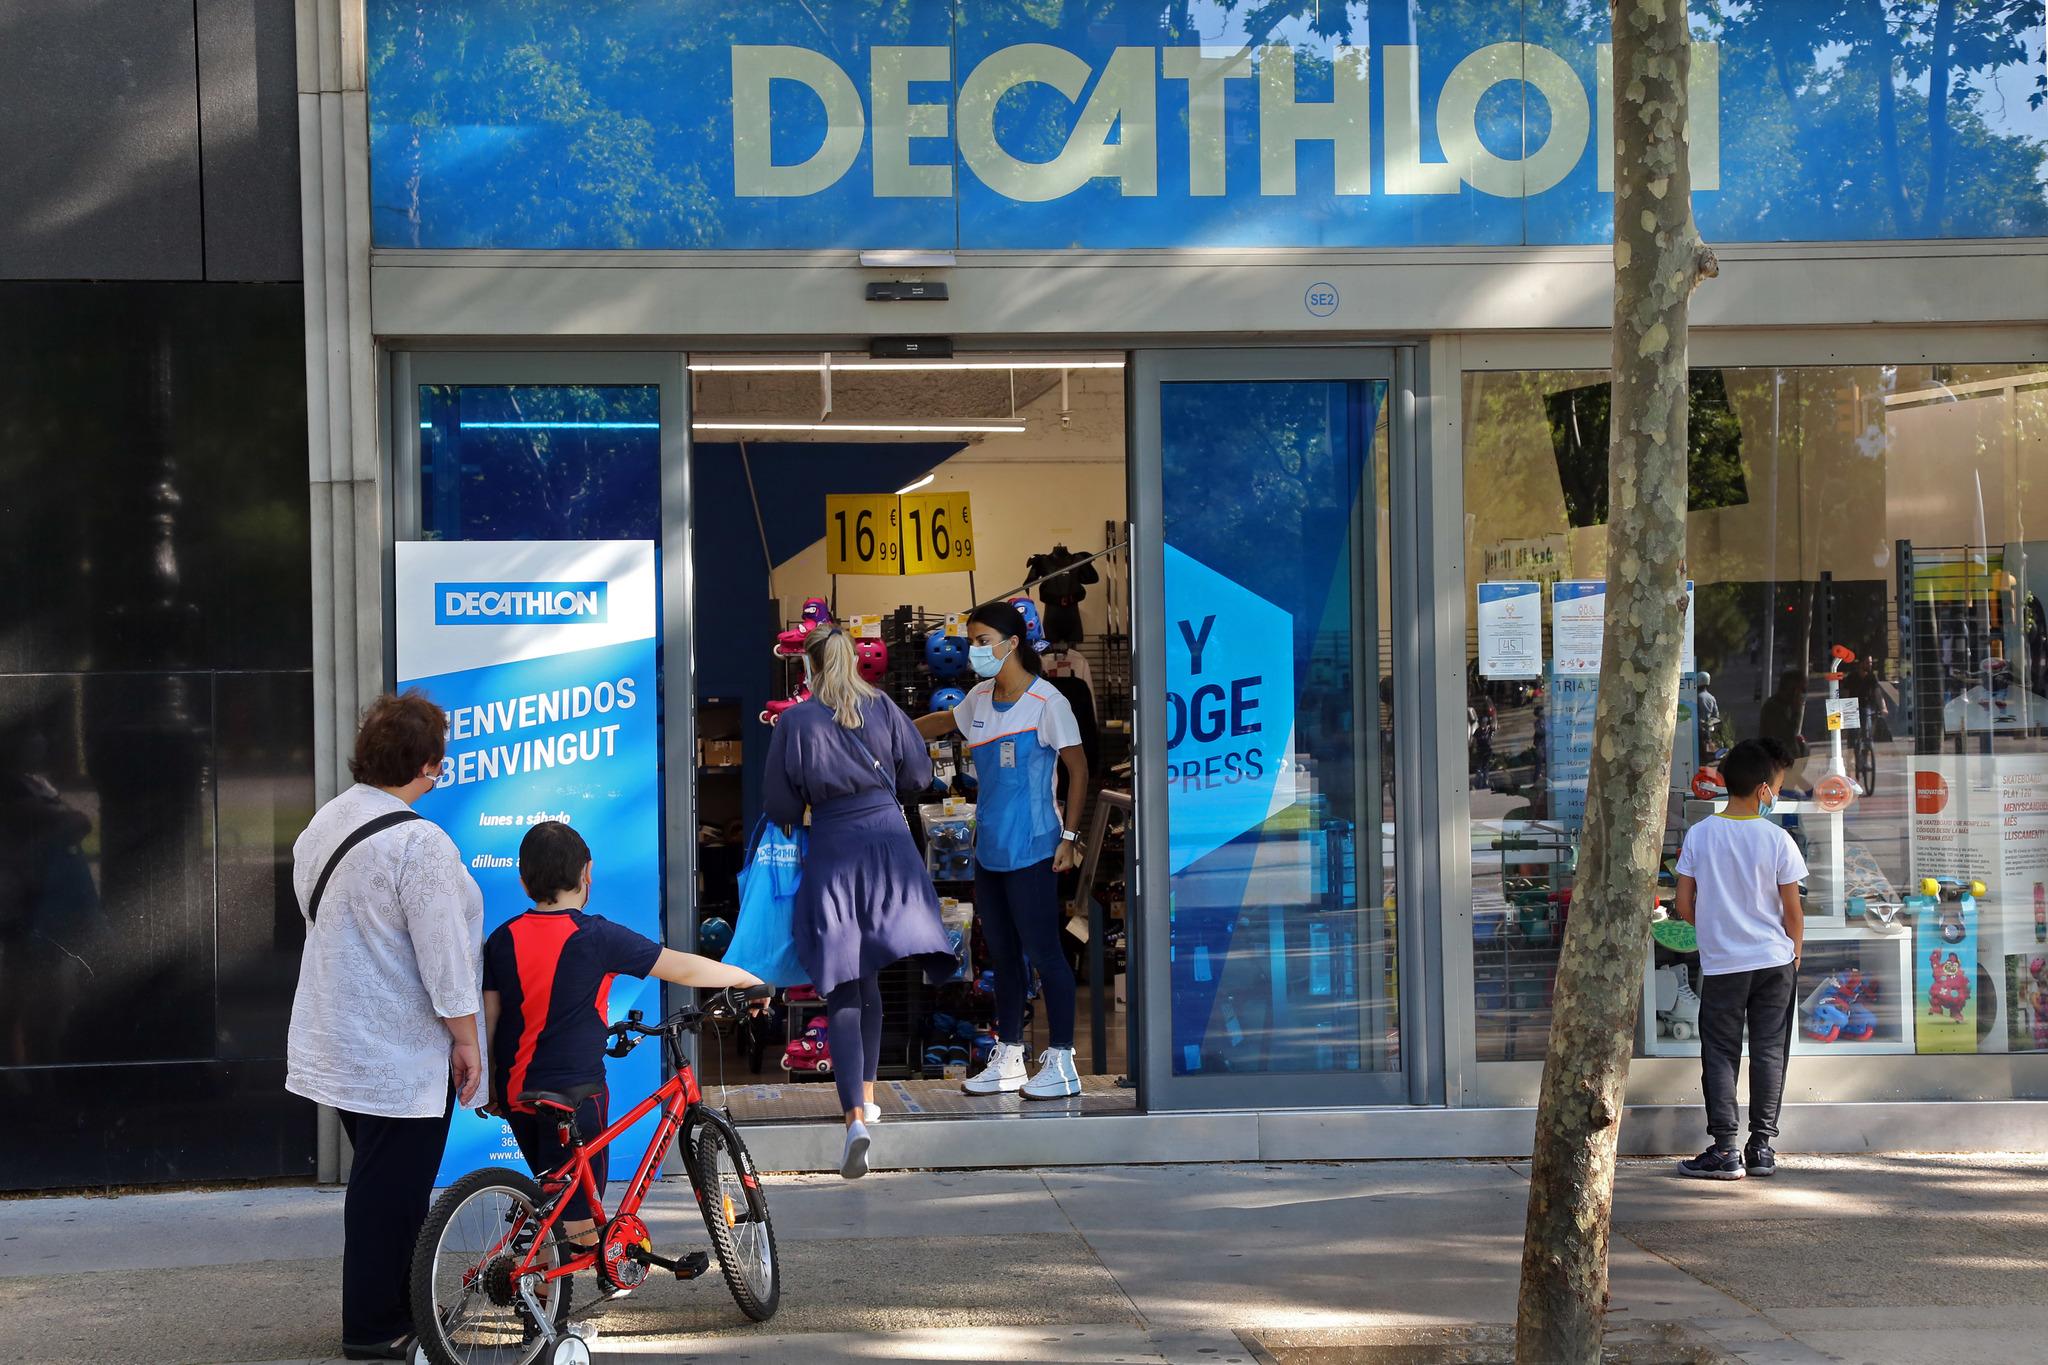 La NBA se asocia con Decathlon para vender artículos de la liga en 1.200 tiendas